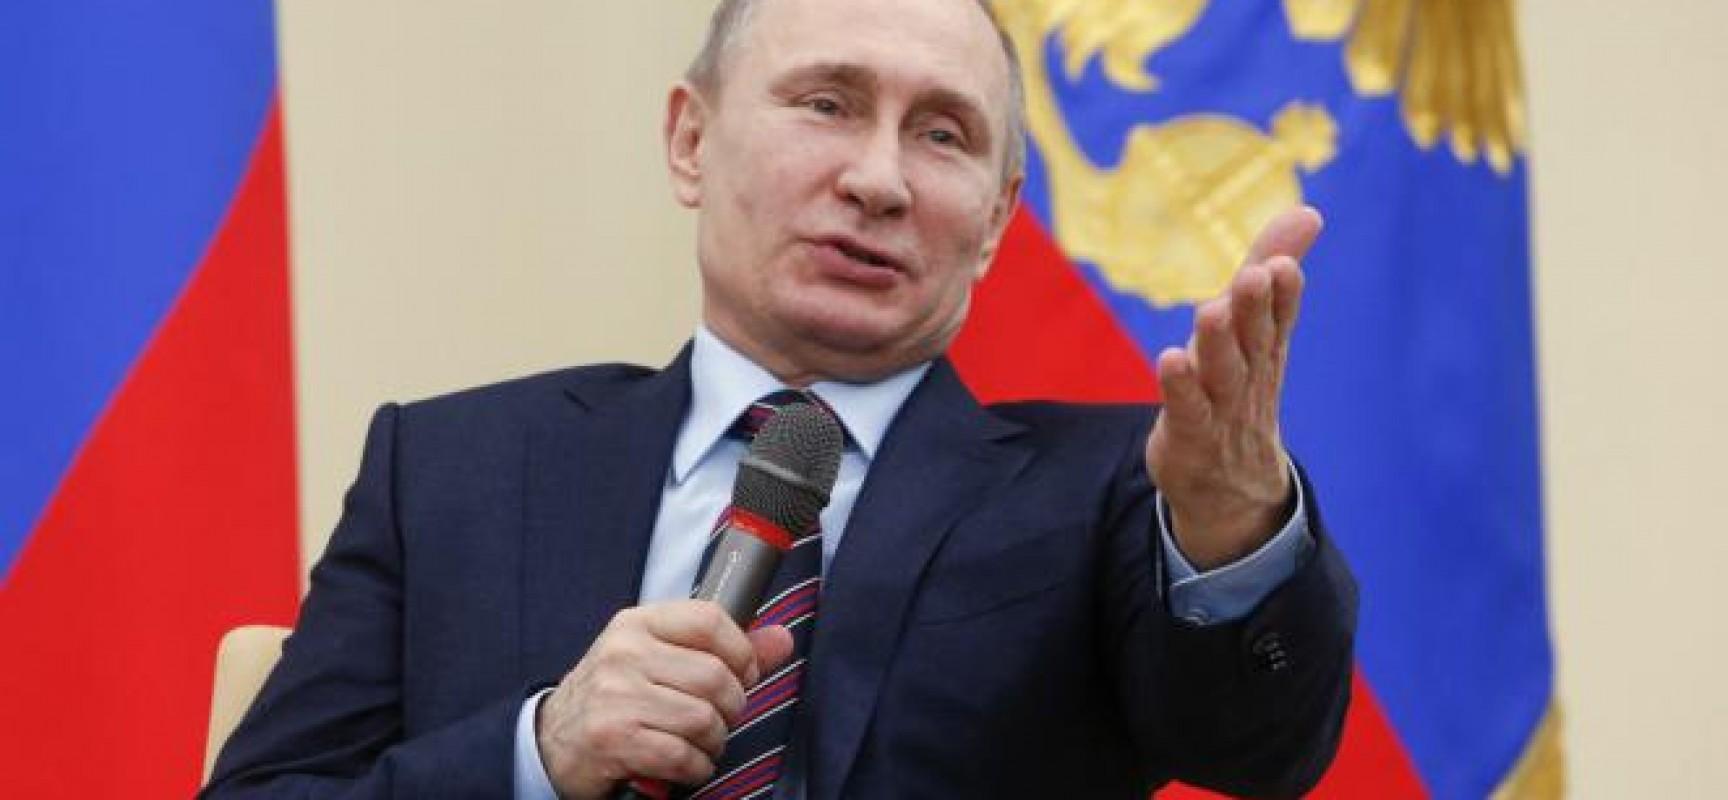 Atlantico : Pendant ce temps, en Ukraine… les combats font toujours rage, bien qu'on ne parle plus que de la guerre en Syrie